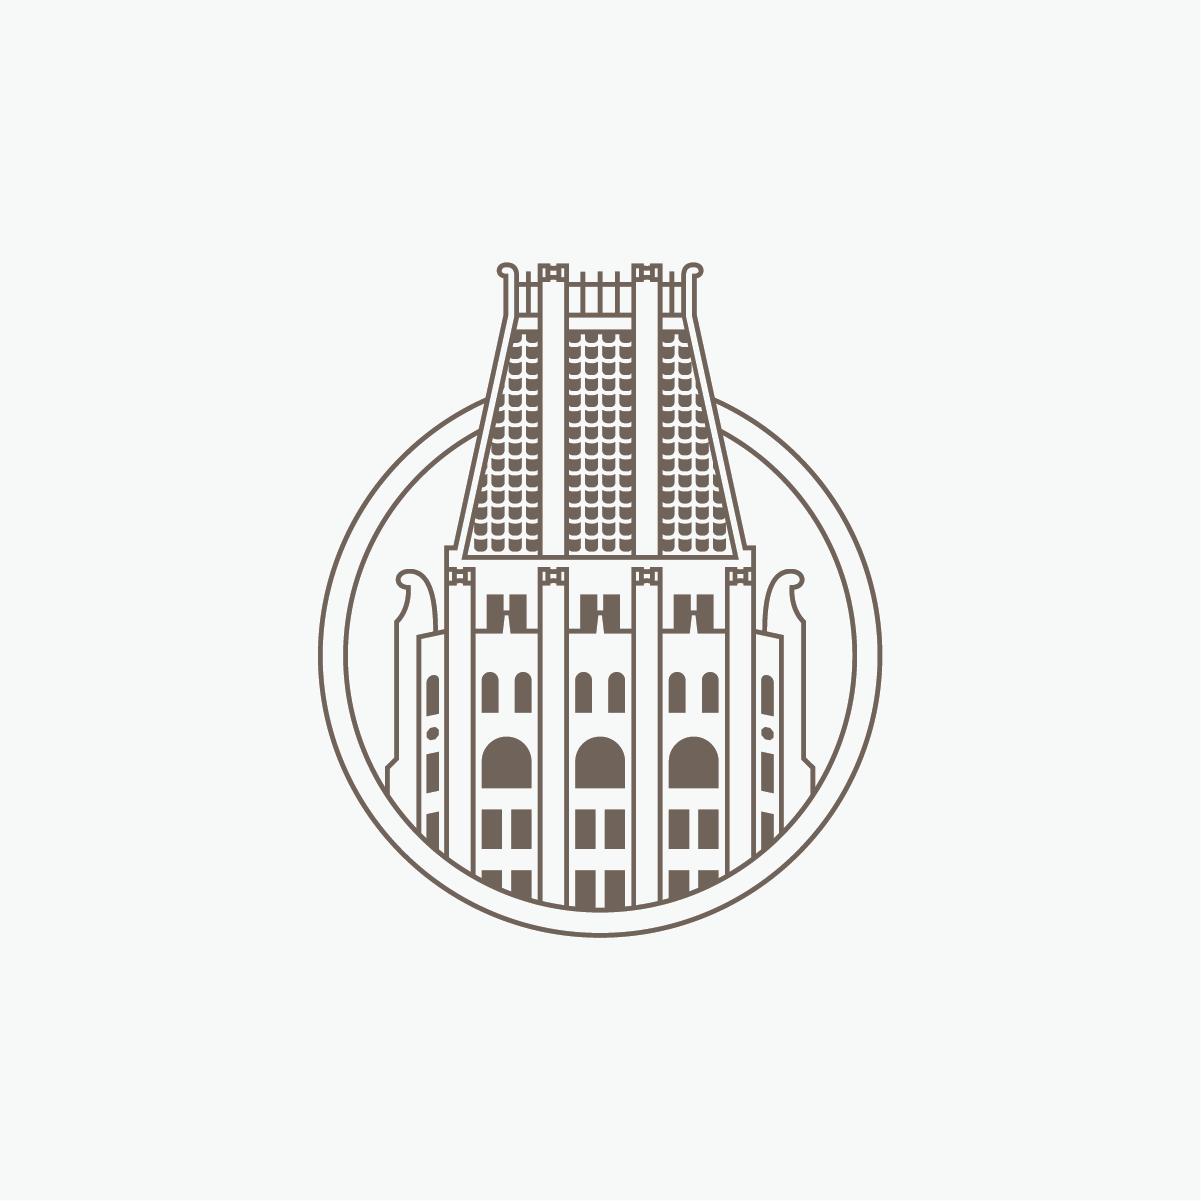 JD_Logos-15.png